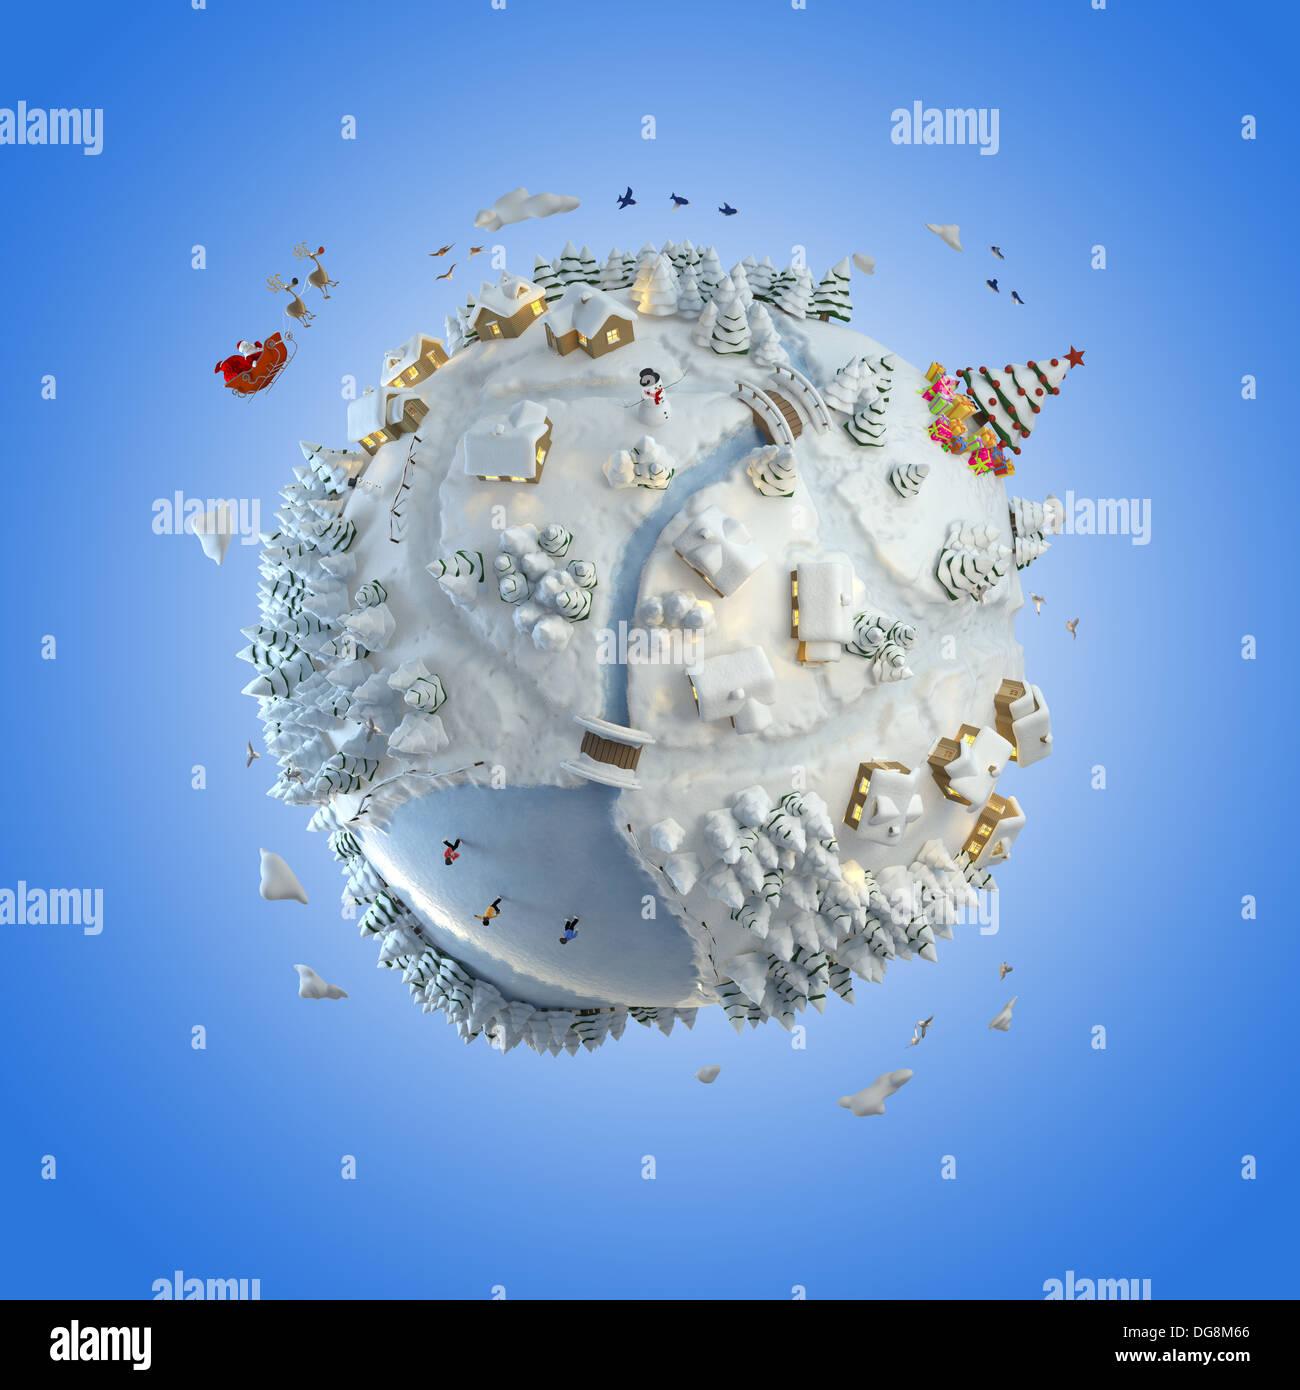 Il Percorso Di Babbo Natale.Concetto Globo Mostra Un Inverno Pianeta Natale Con Babbo